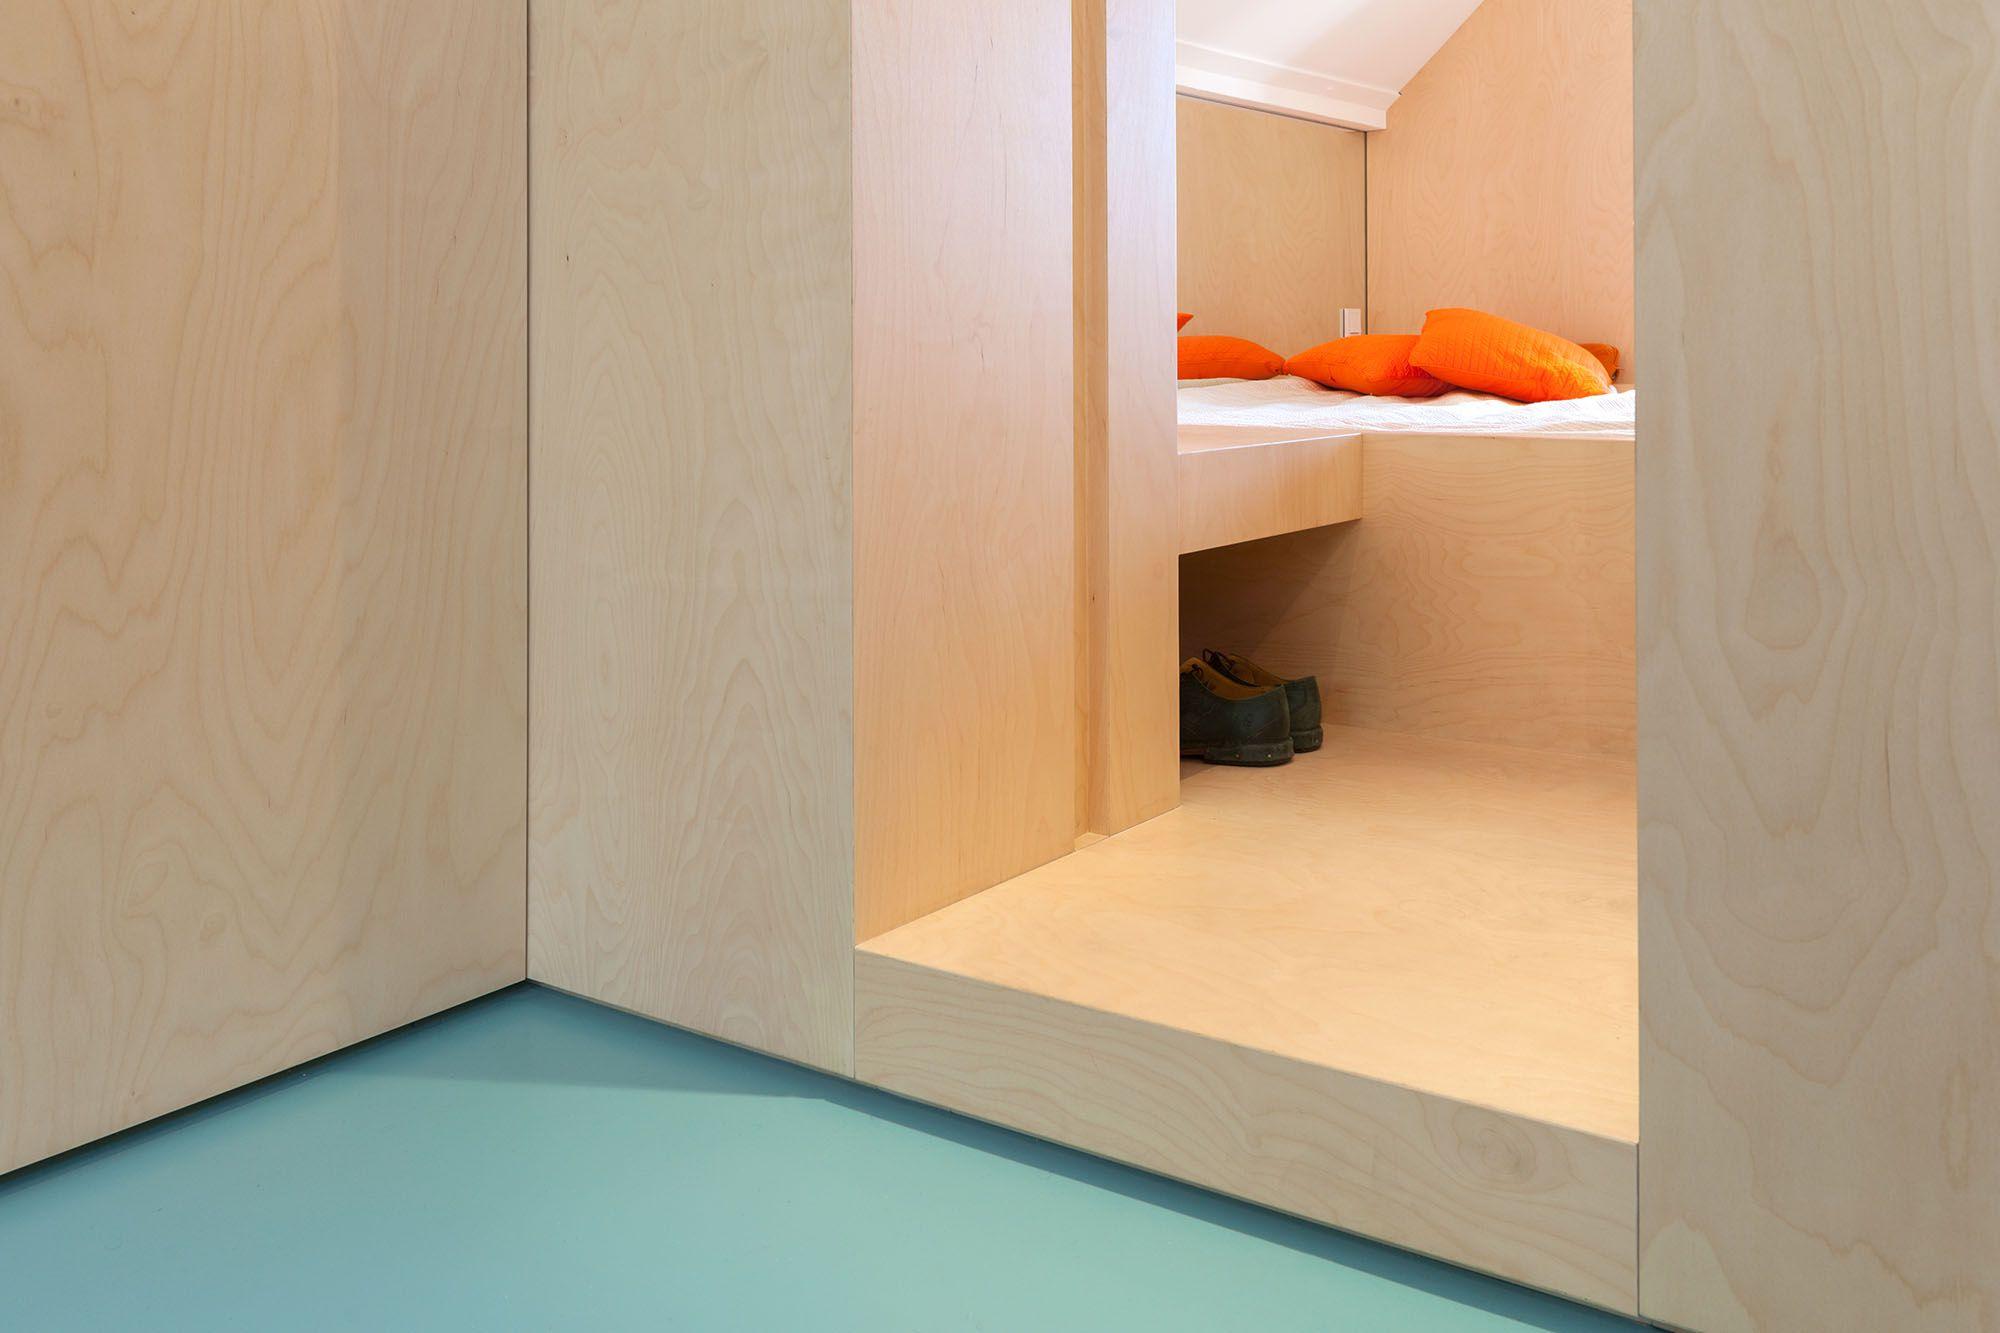 Amsterdam Urban Loft by Bureau Fraai bedroom entry